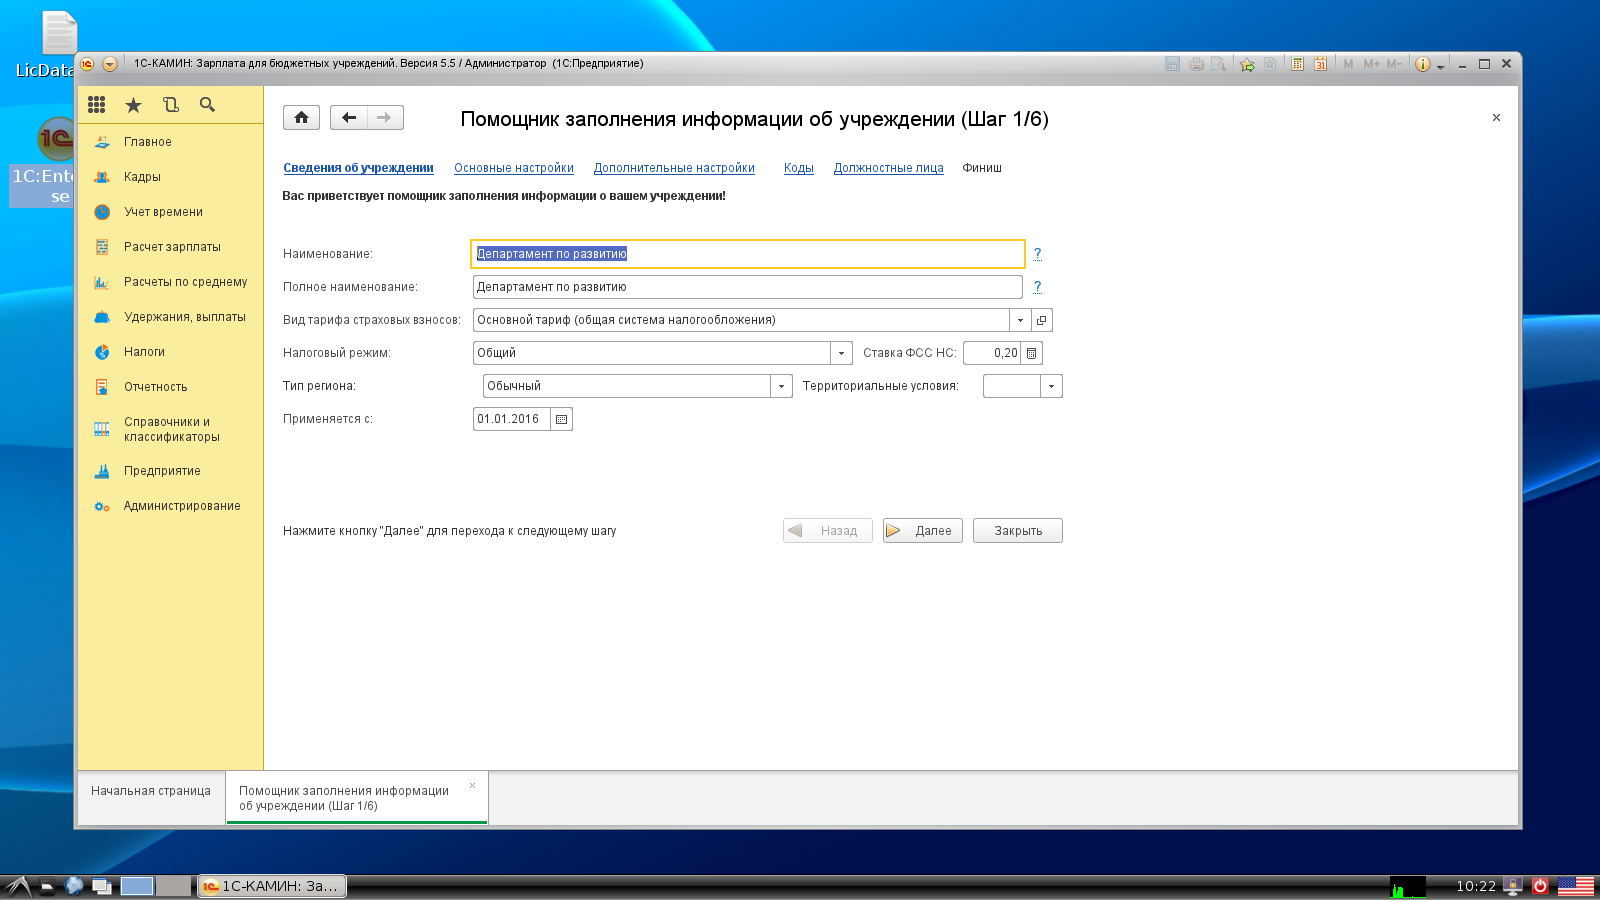 Установка web-сервера 1с linux suse установка hasp для 1с 8.2 ubuntu